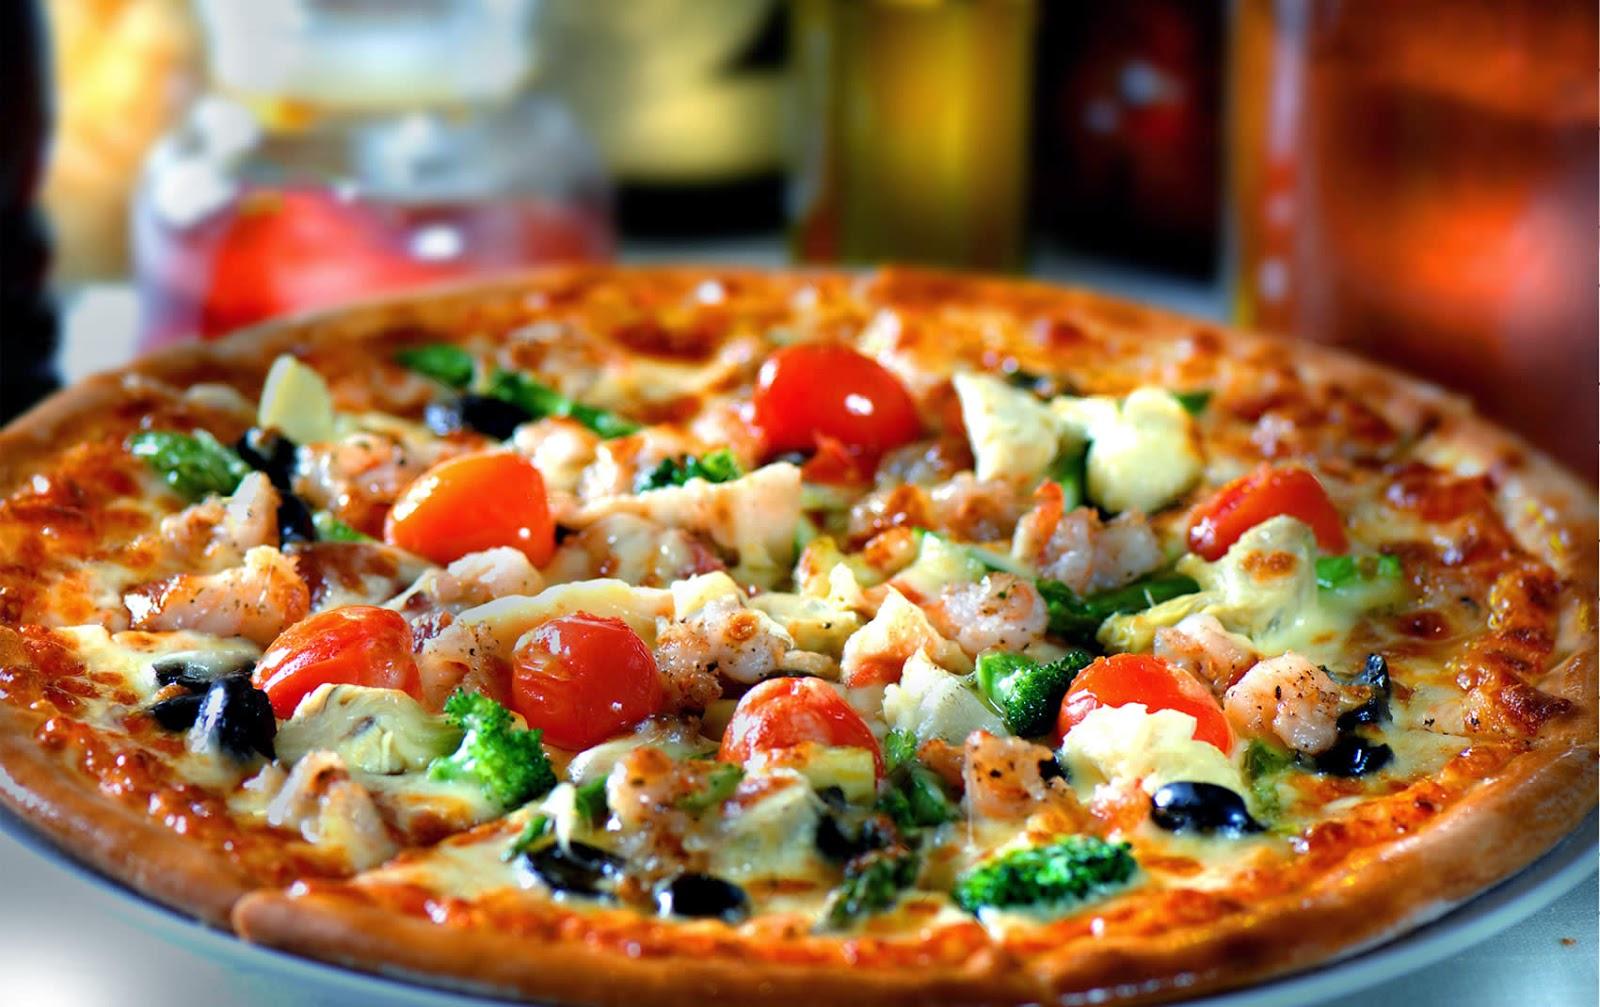 صوره كيفية صنع البيتزا , اصنعي البيتزا في المنزل بطريقة سهلة